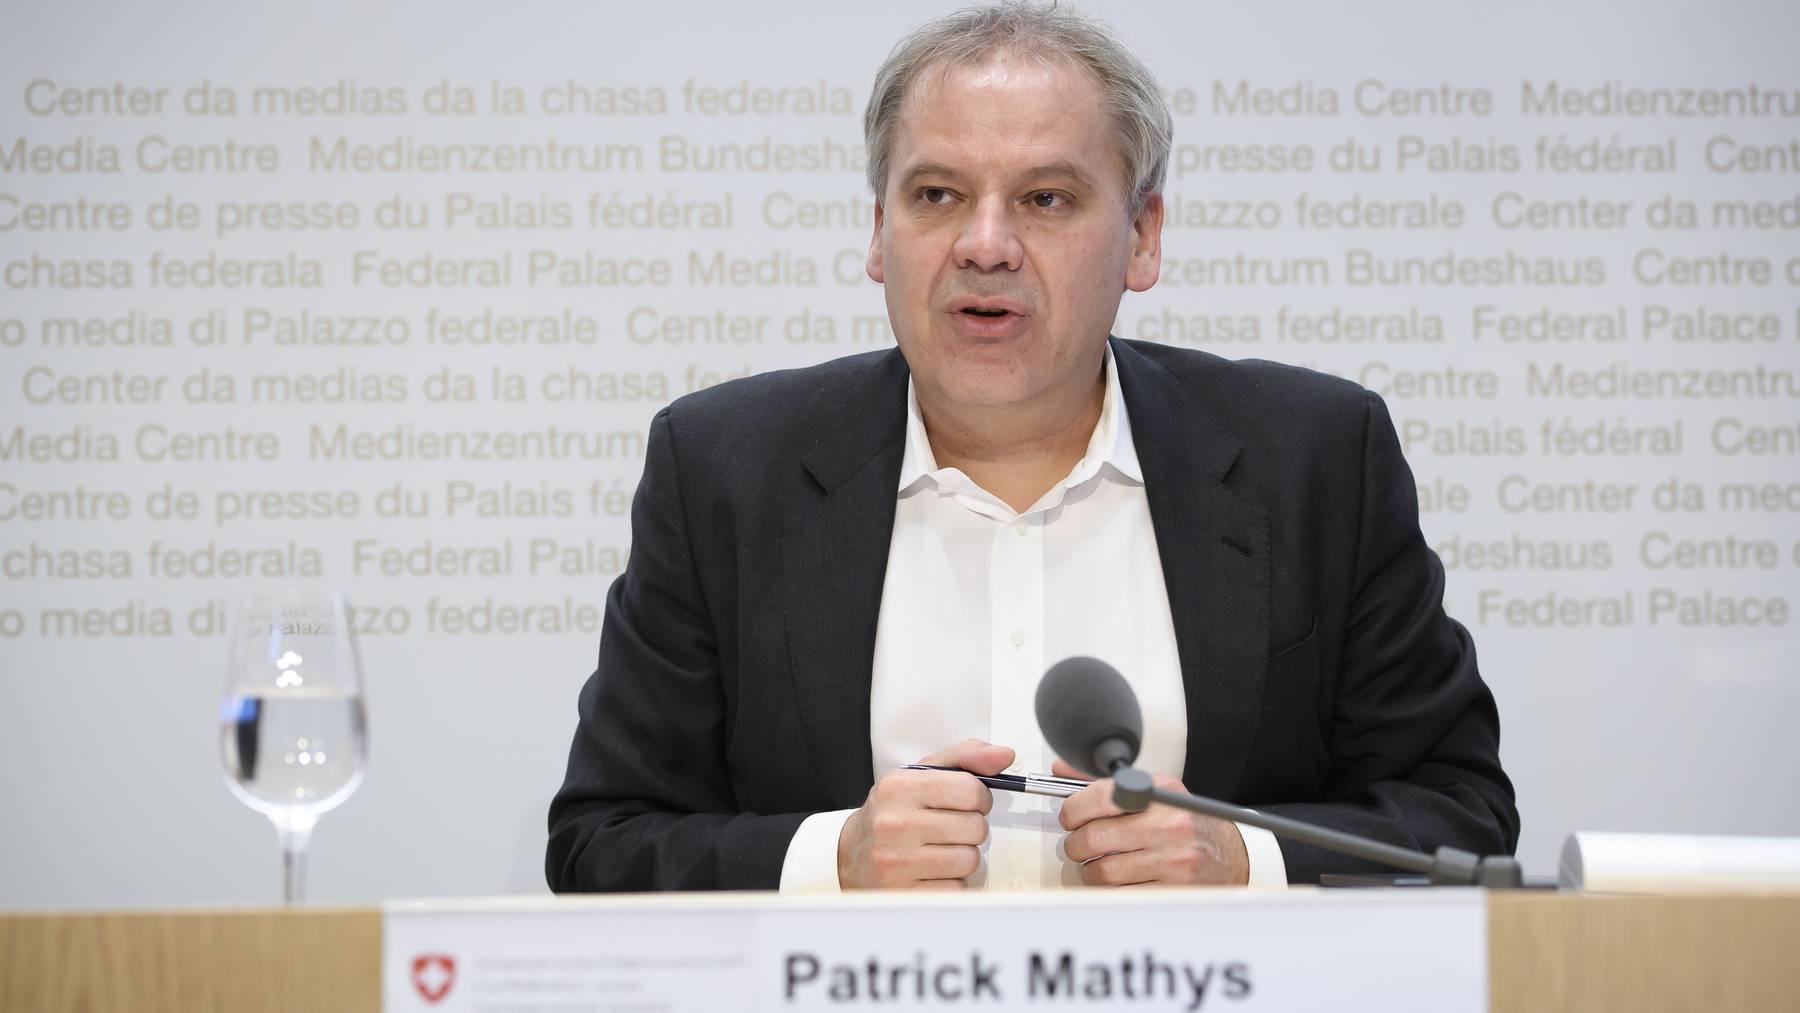 Patrick Mathys äussert sich erstmals darüber, dass das Schlimmste vermutlich vorbei ist.